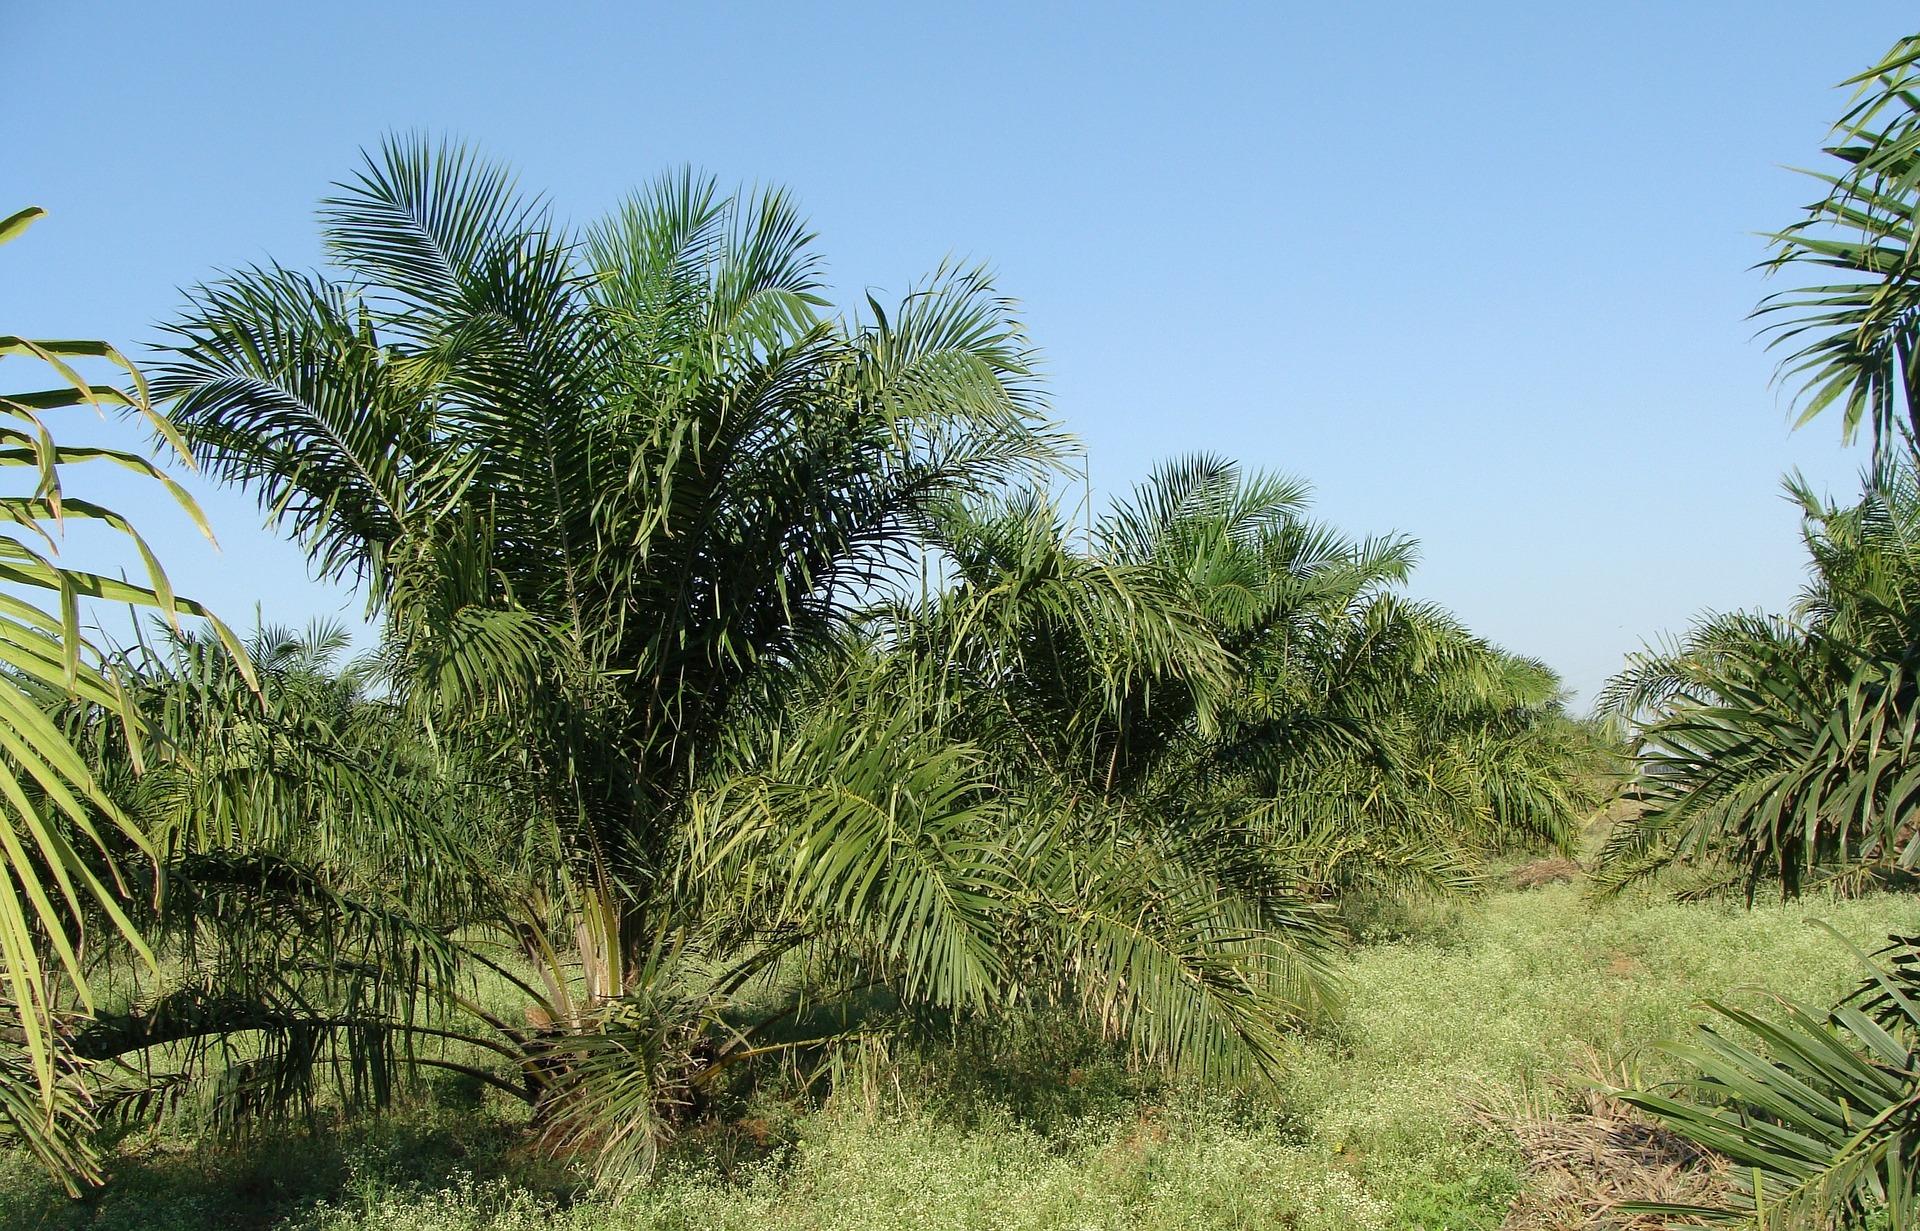 Ferrero releases 2020 palm oil progress report